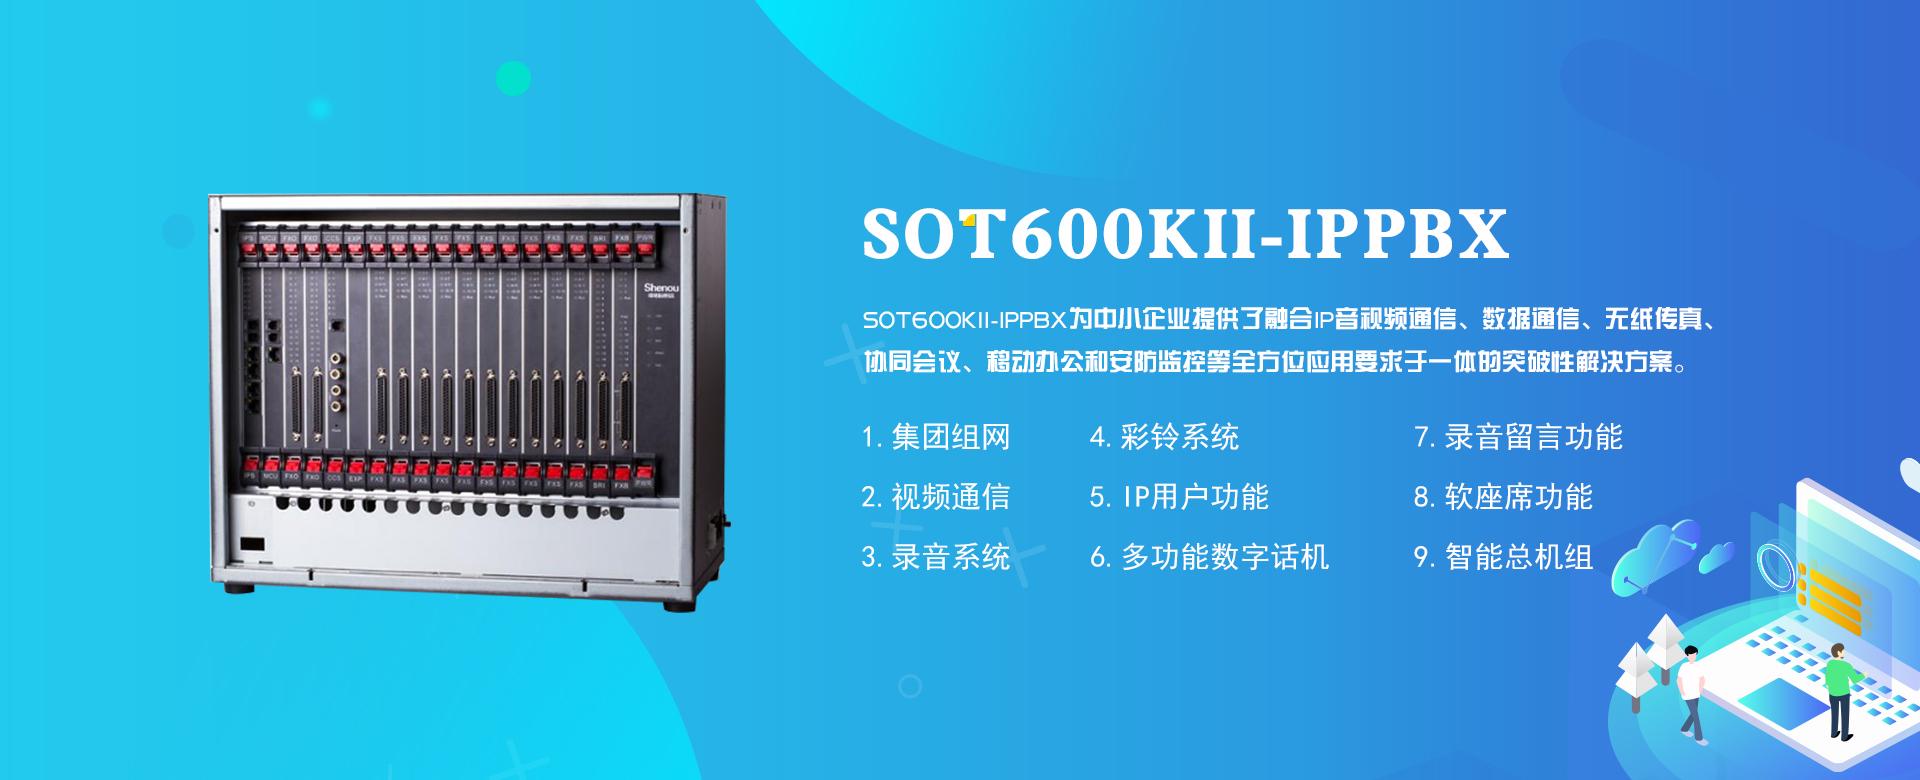 SOC9000泛亚电竞在线平台交换机